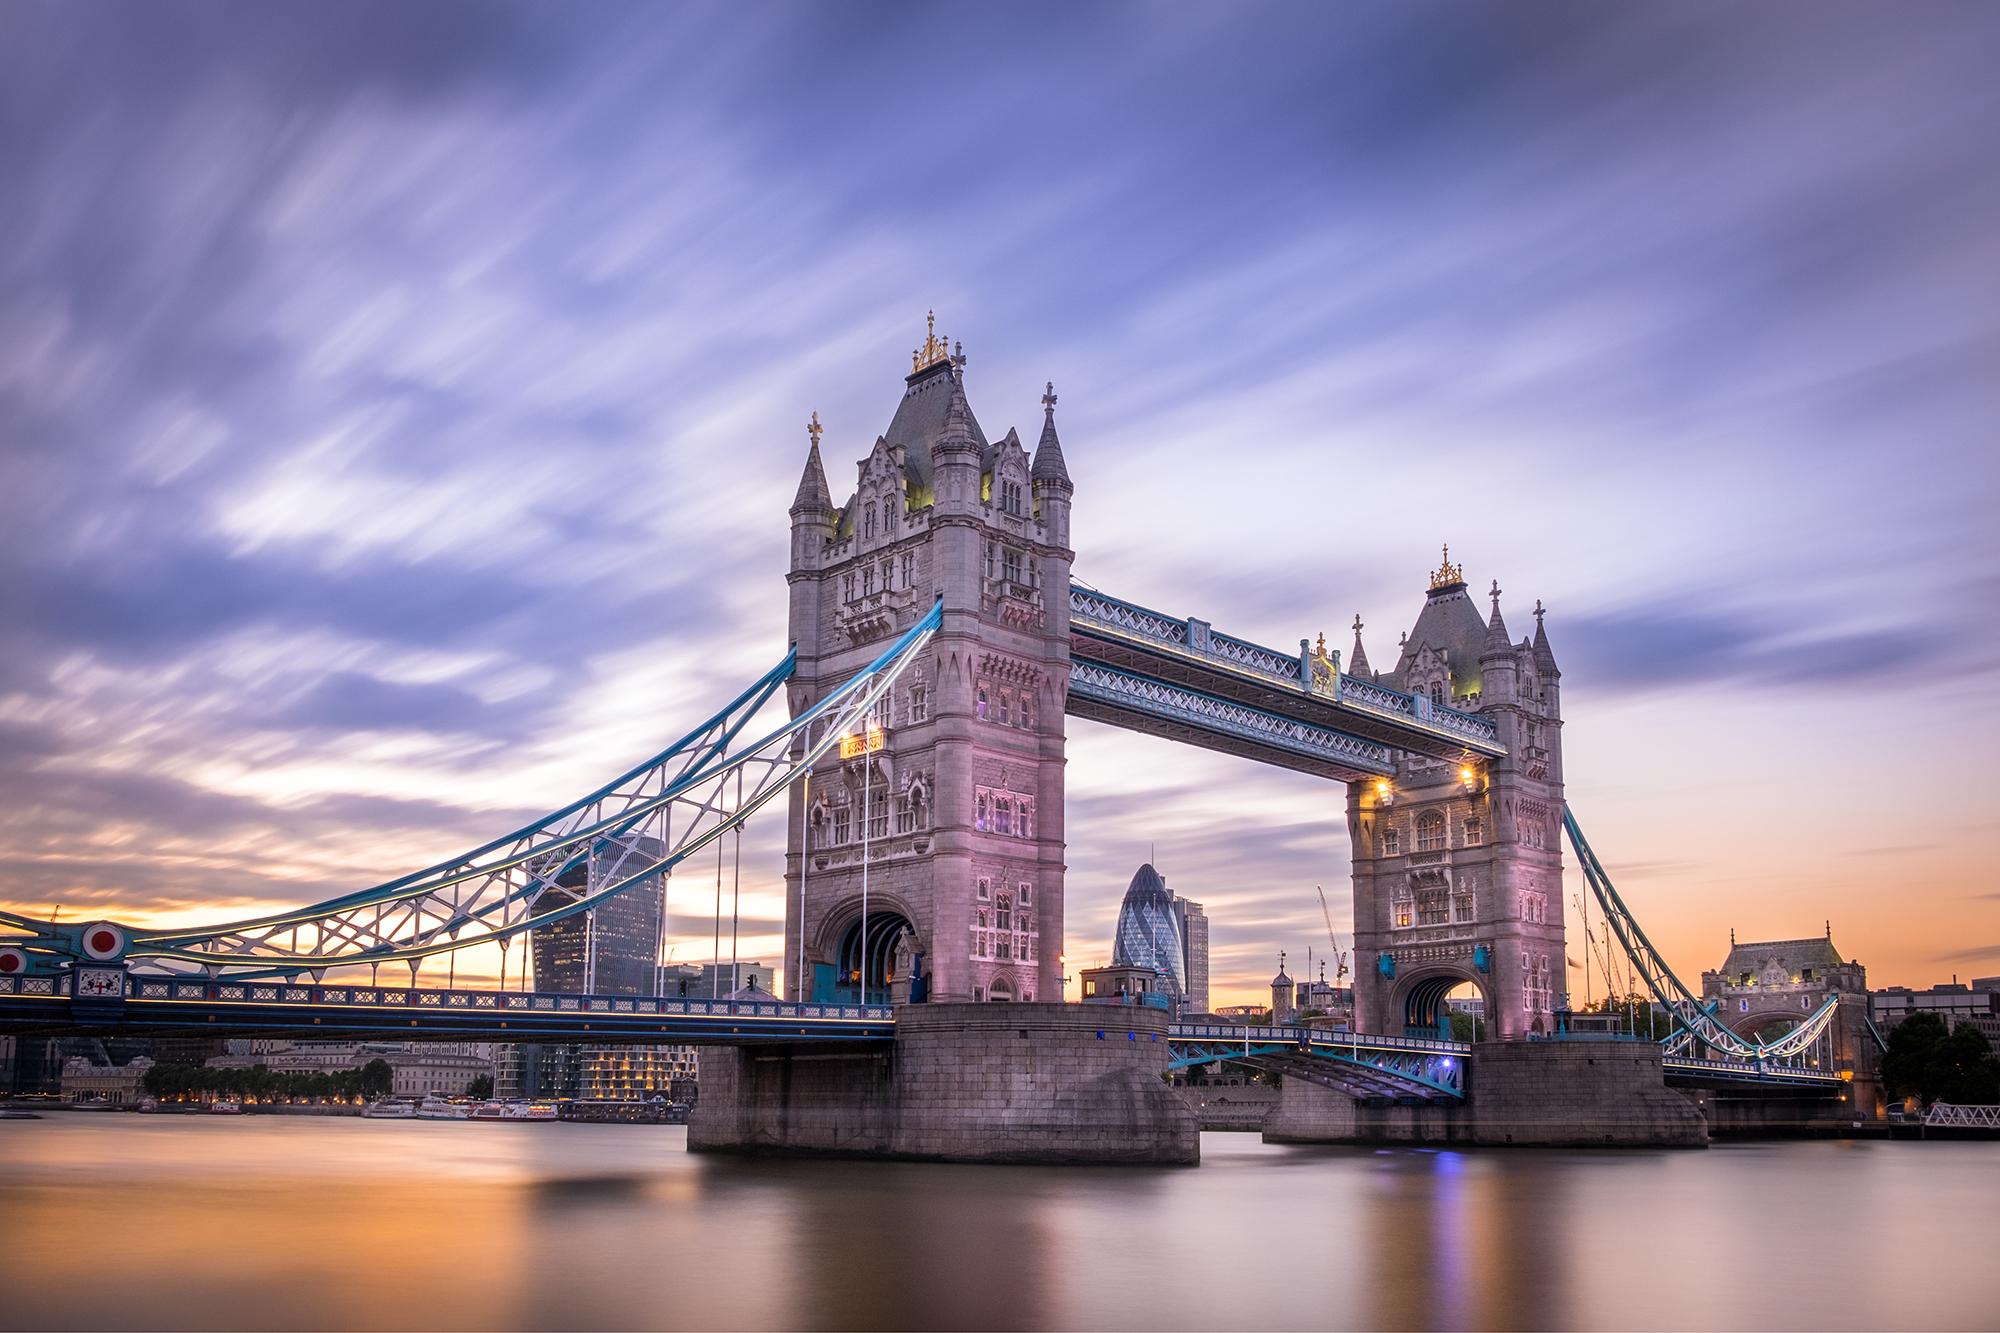 Long exposure photo of Tower Bridge at sunset taken by Trevor Sherwin